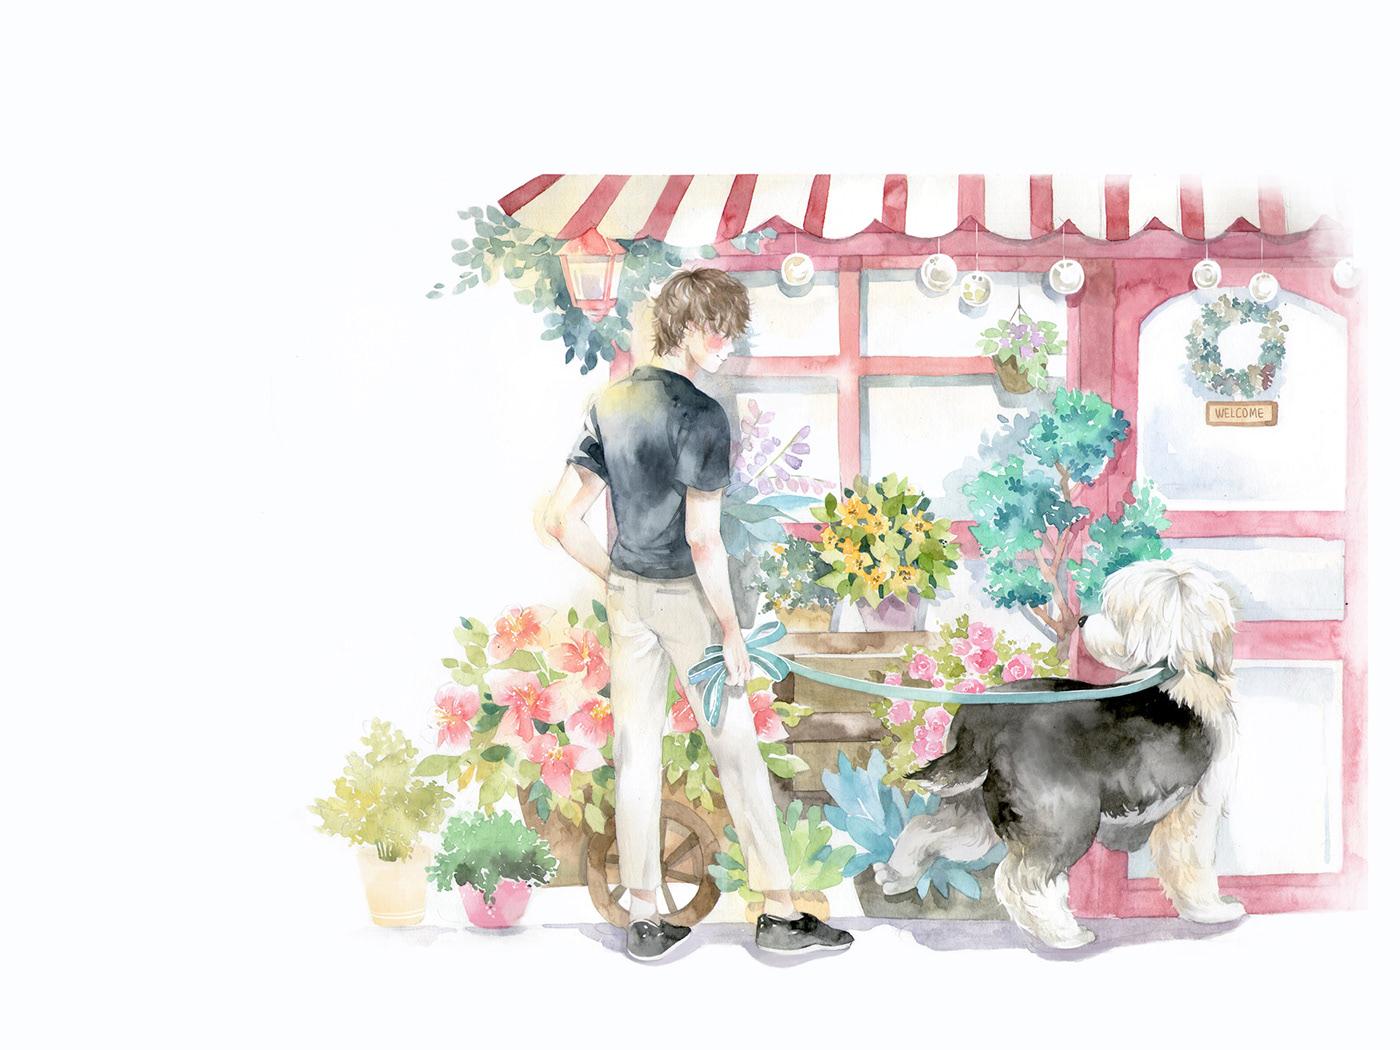 高質感的45款韓國插畫欣賞